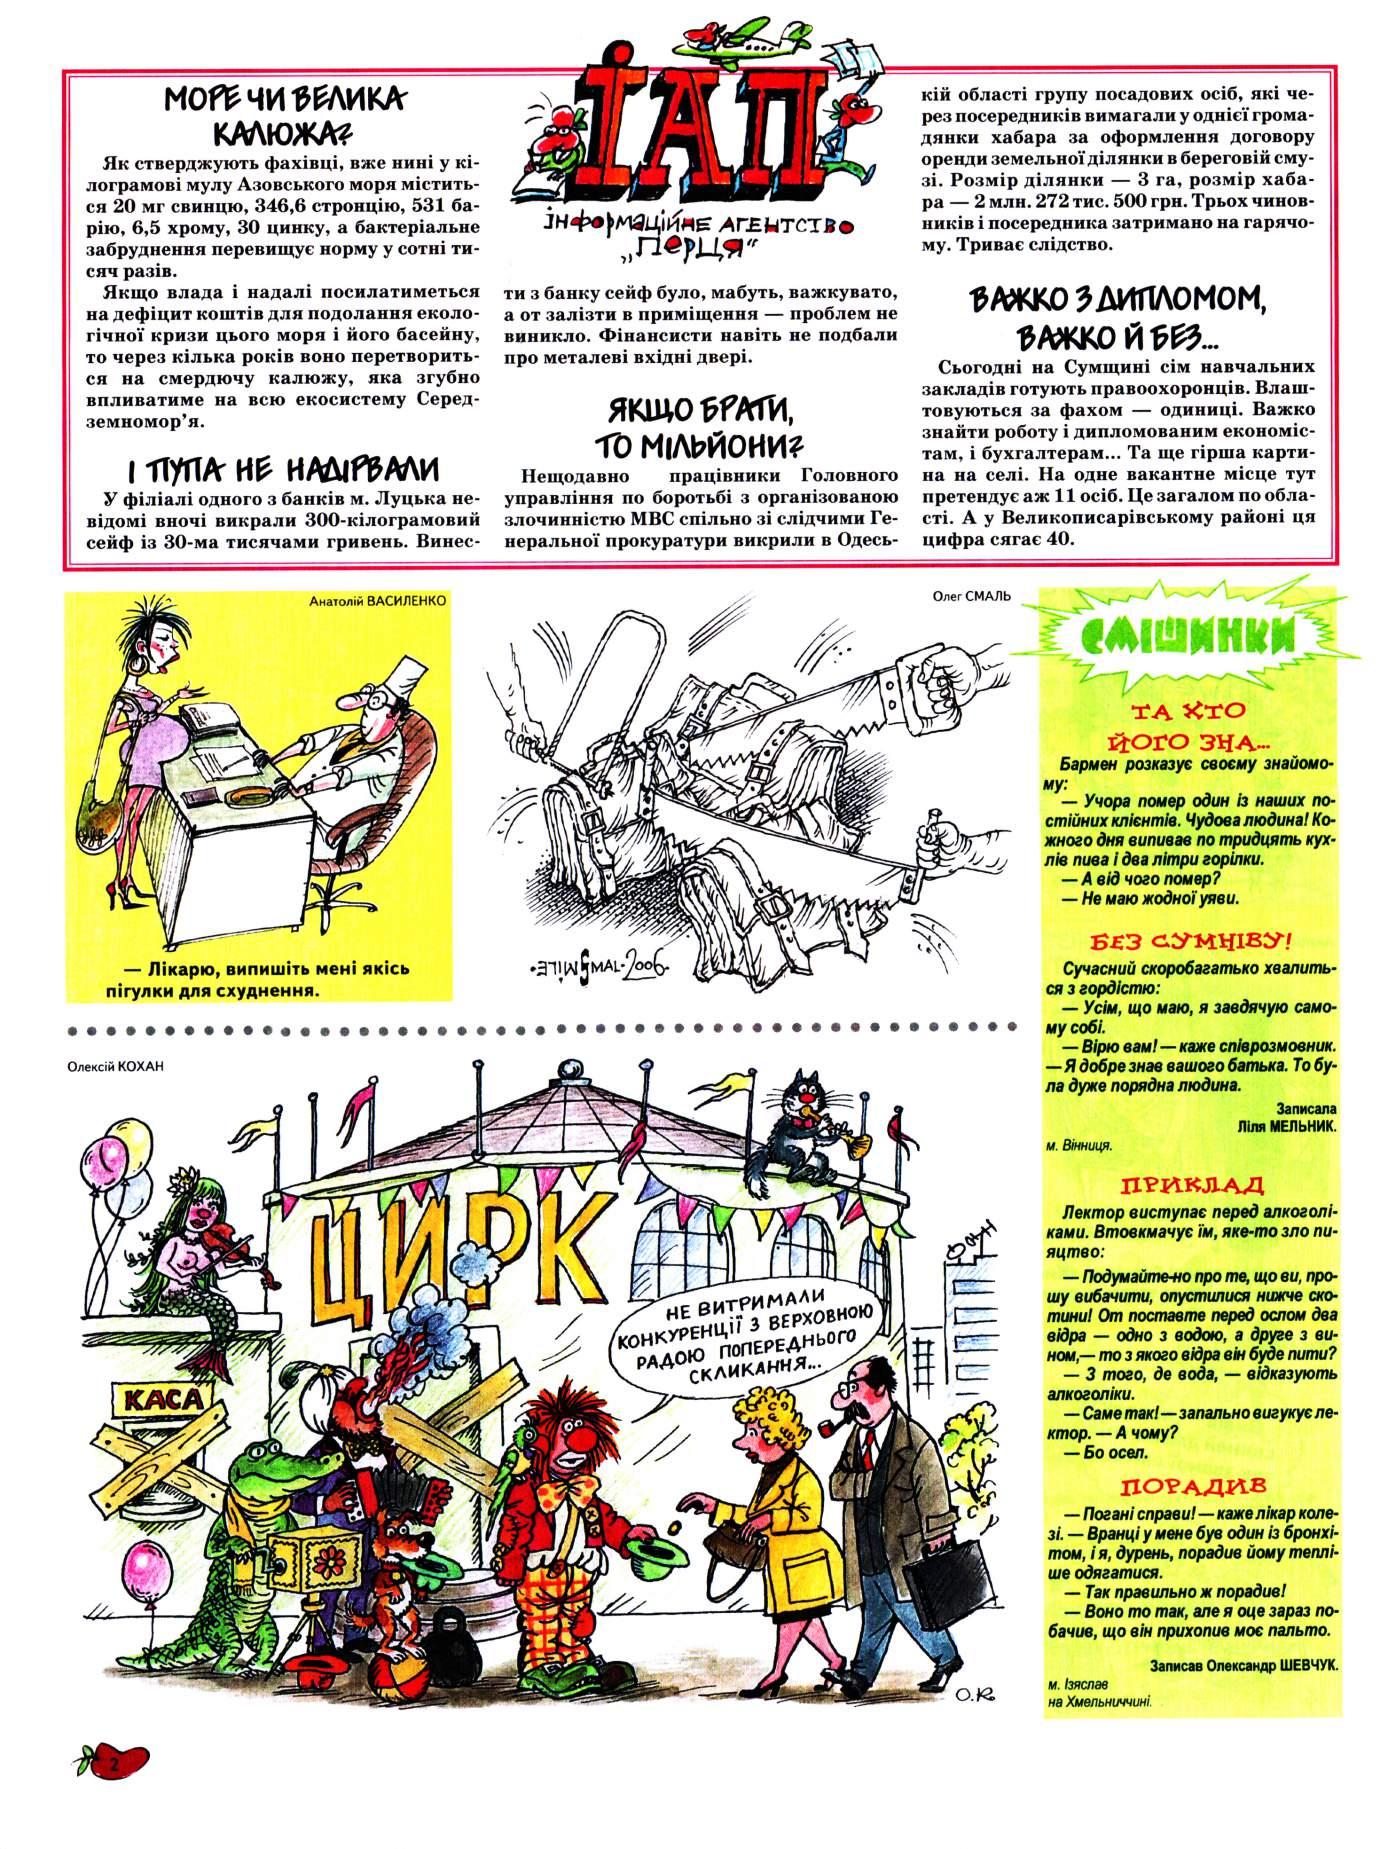 Журнал перець 2007 №10